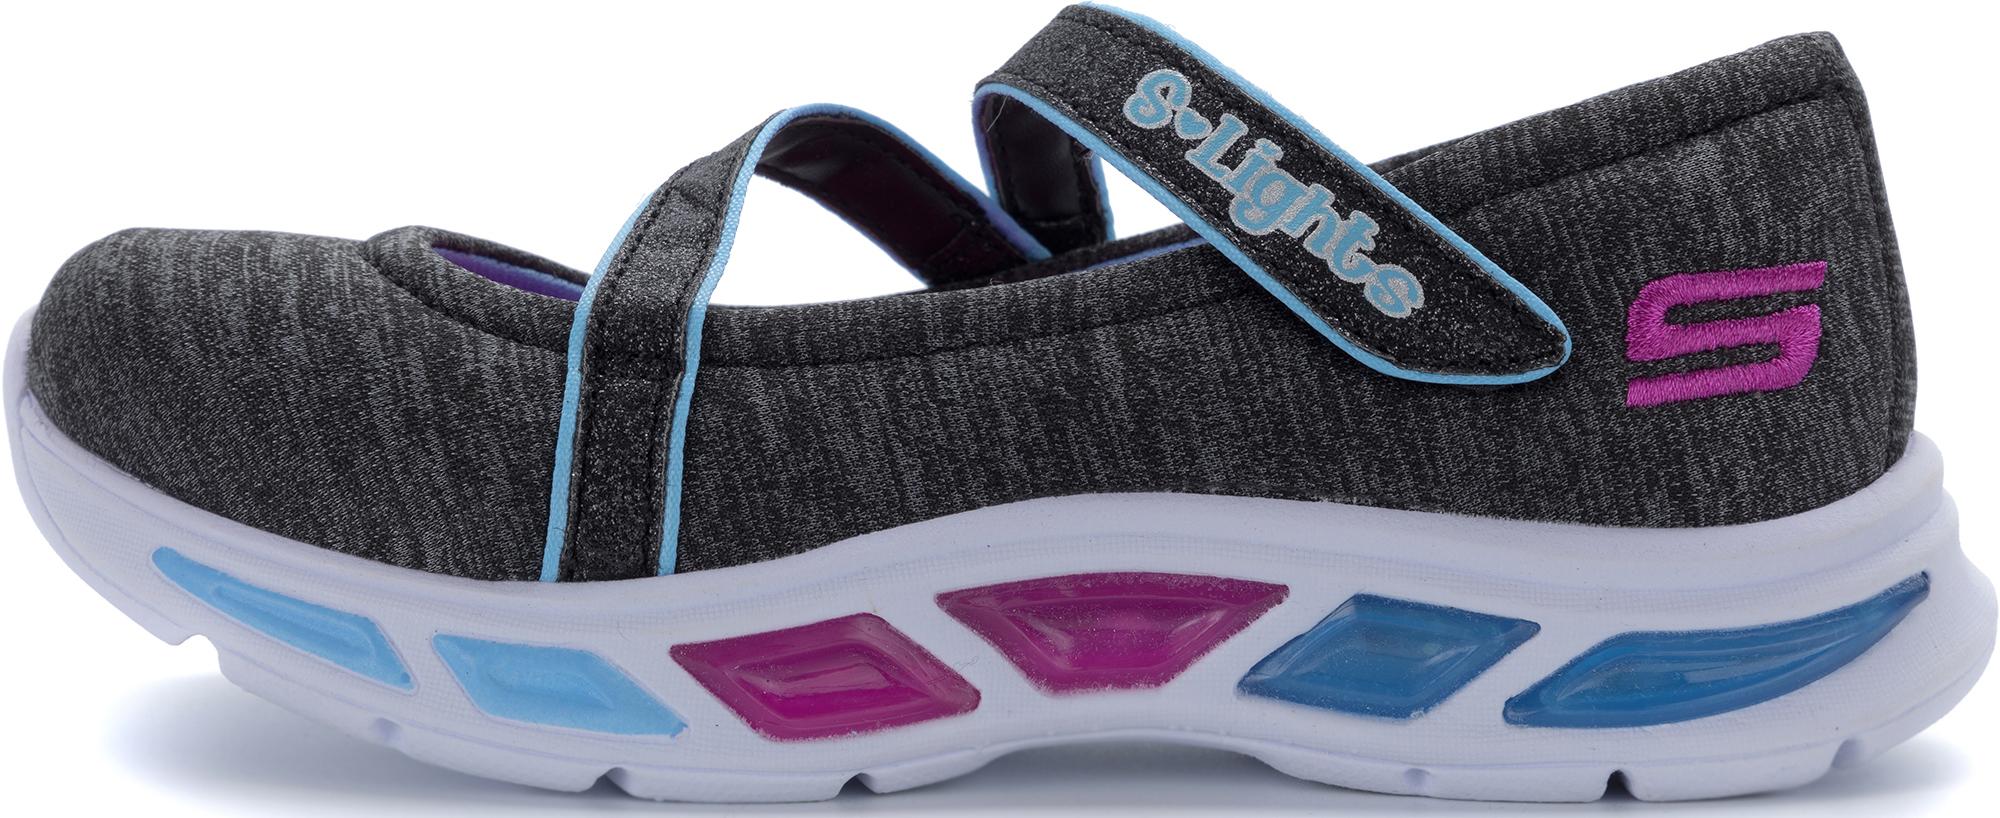 Кроссовки для девочек Skechers Litebeams-Spin